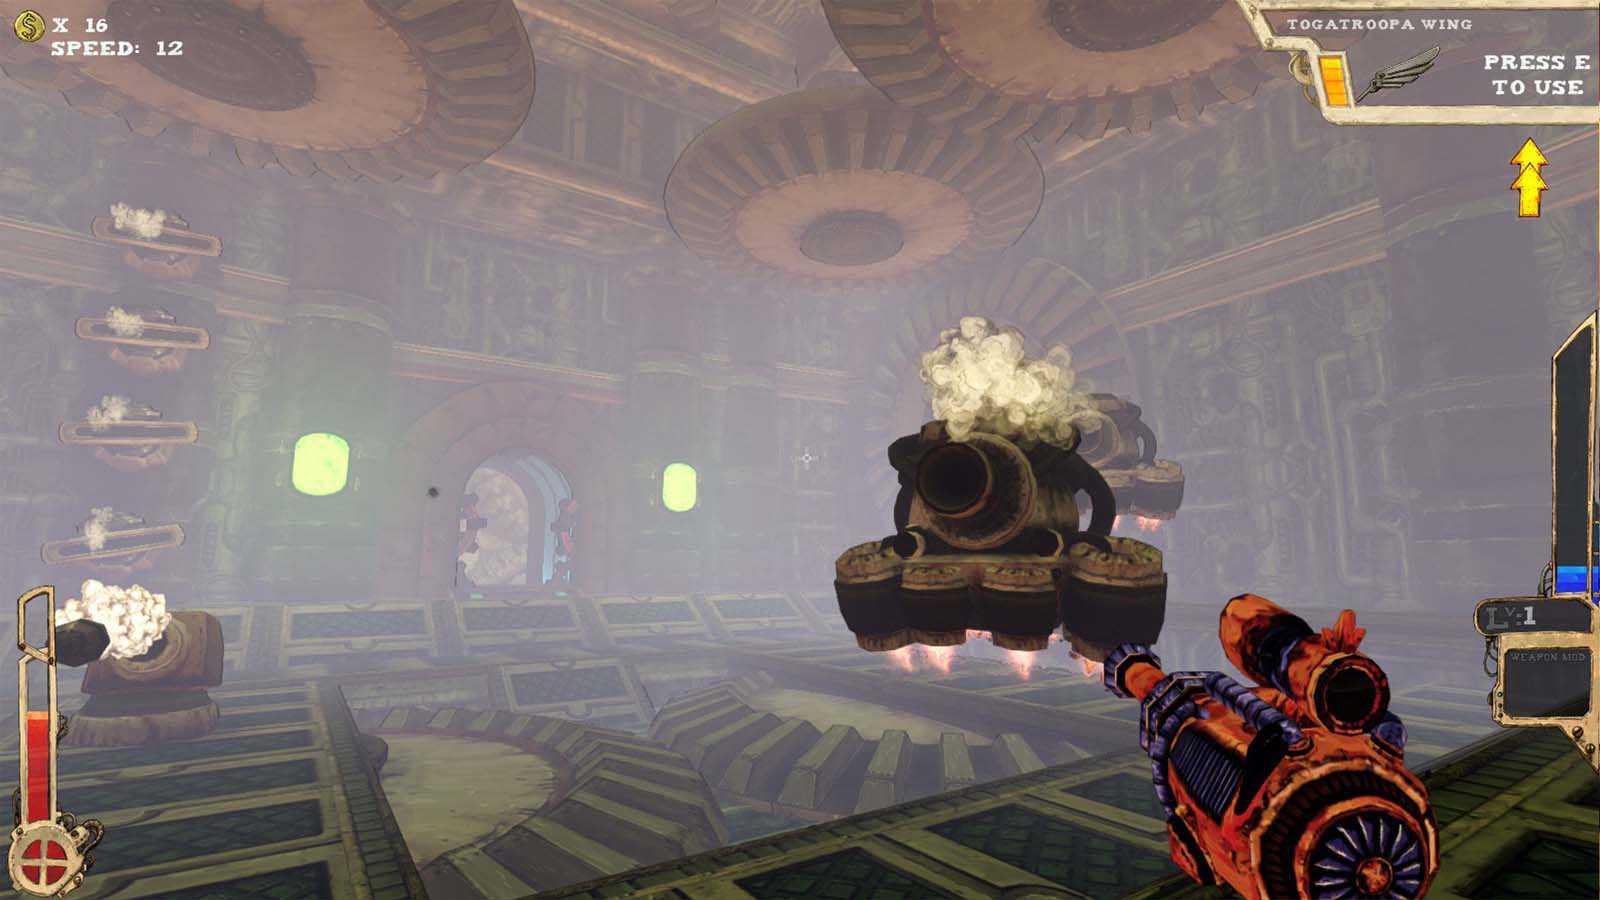 تحميل لعبة Tower Of Guns مضغوطة برابط واحد مباشر كاملة مجانا